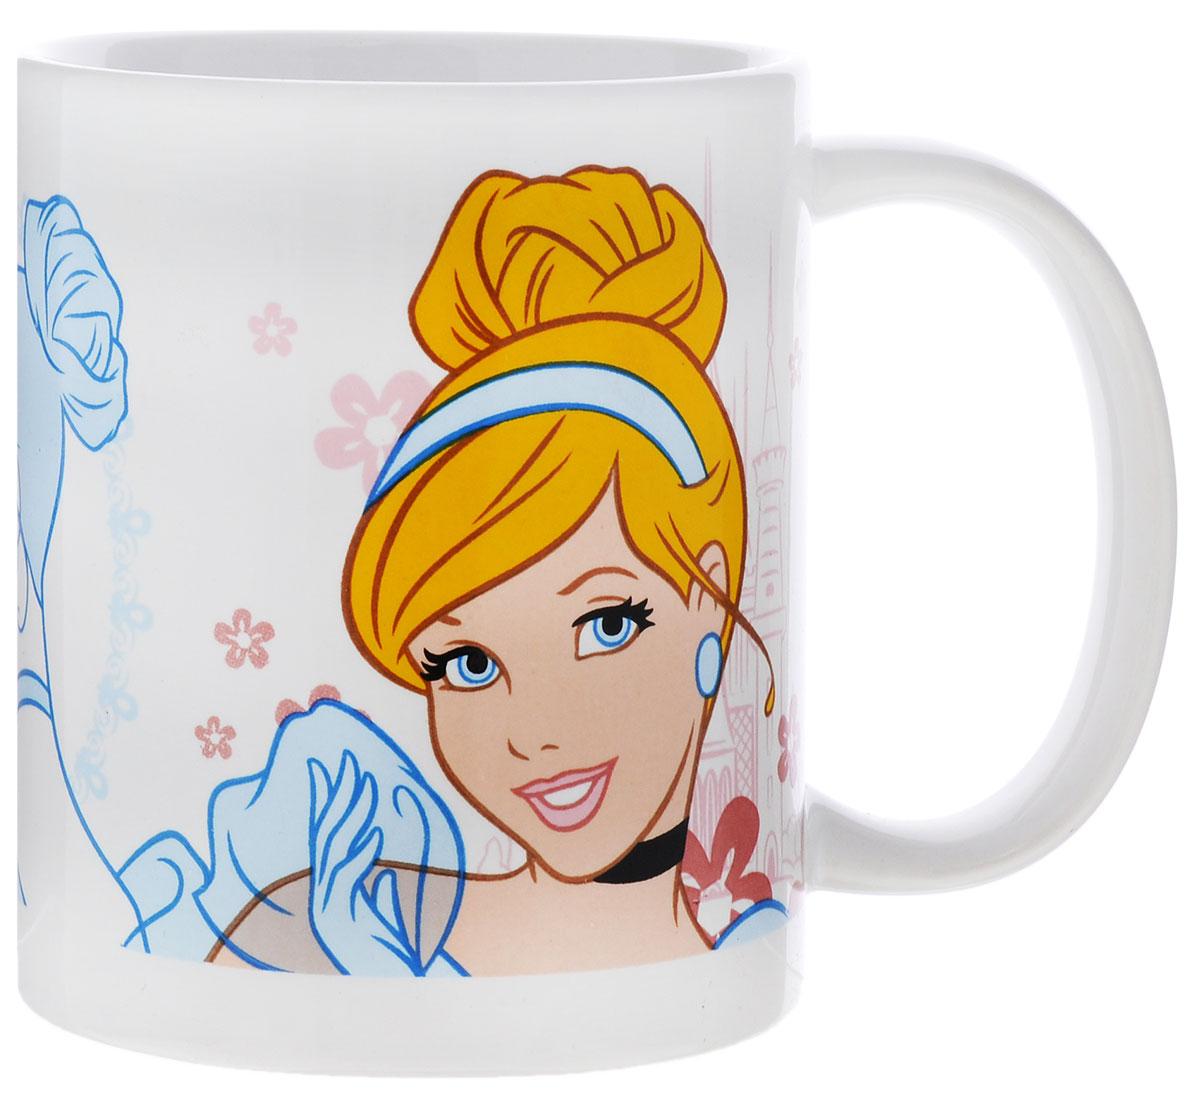 Stor Кружка детская Принцесса Золушка 325 мл70337Детская кружка Stor Принцесса Золушка из серии Stor Disney Princess с любимой героиней станет отличным подарком для вашей малышки. Она выполнена из керамики и оформлена изображением диснеевской принцессы Золушки. Кружка дополнена удобной ручкой. Такой подарок станет не только приятным, но и практичным сувениром: кружка будет незаменимым атрибутом чаепития, а оригинальное оформление кружки добавит ярких эмоций и хорошего настроения. Можно использовать в СВЧ-печи и посудомоечной машине.